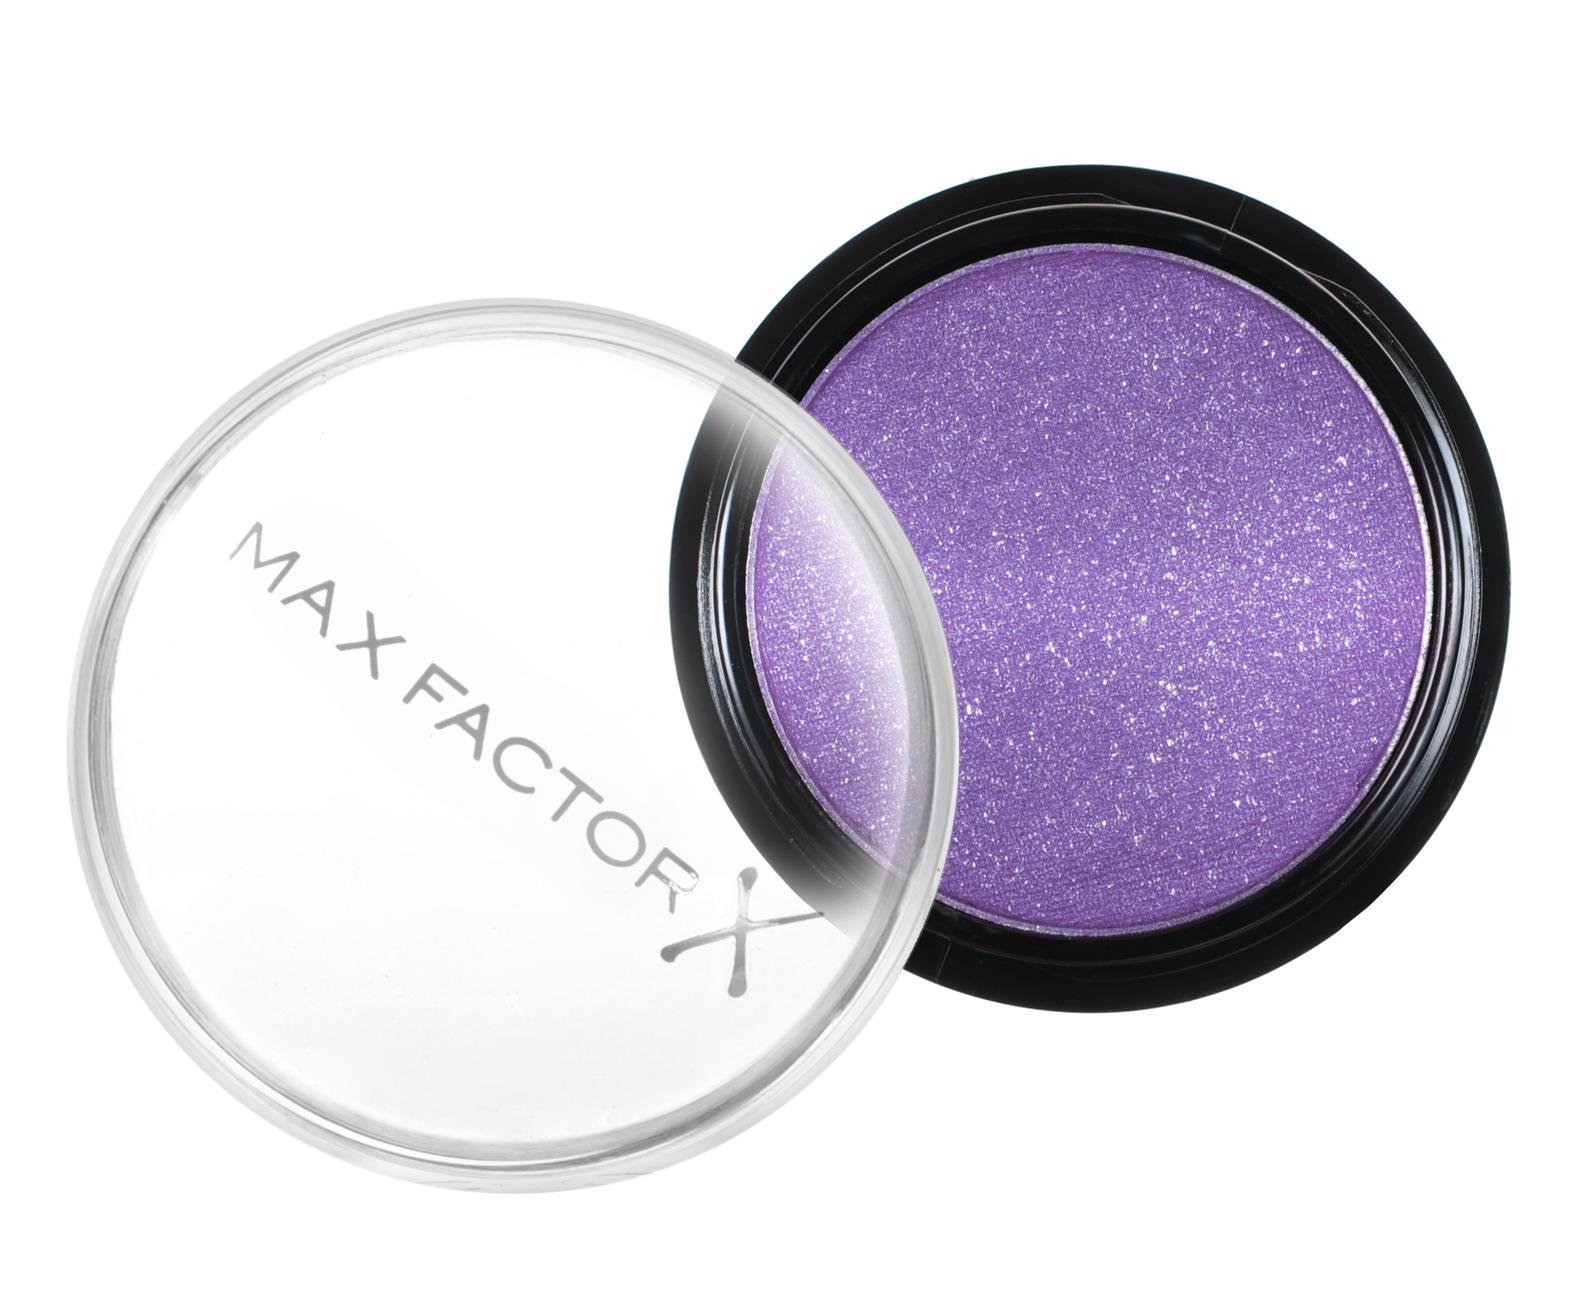 Max Factor Тени для век Wild Shadow Pots, тон №15 vicious purple, цвет: фиолетовый81411286Max Factor Wild Shadow Pot - Выпусти цвет на свободу! Приготовьтесь к диким экспериментам с цветом! Эти высокопигментные тени подарят по-настоящему ошеломительный взгляд. Высокопигментный цвет. 16 насыщенных оттенков. Товар сертифицирован.